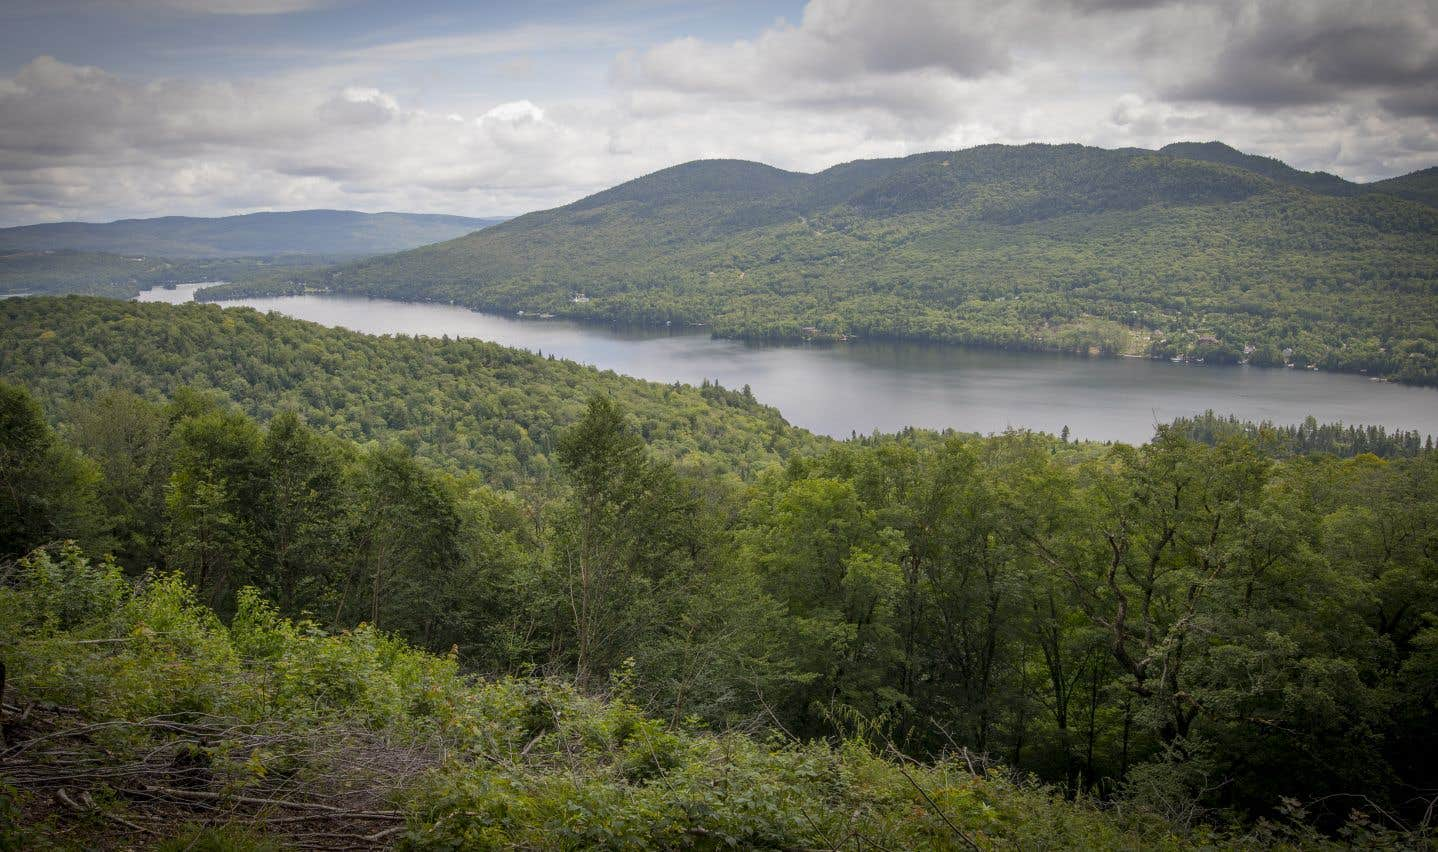 La montagne Noire, située à Saint-Donat, dans Lanaudière, se dresse en bordure du lac Archambault.